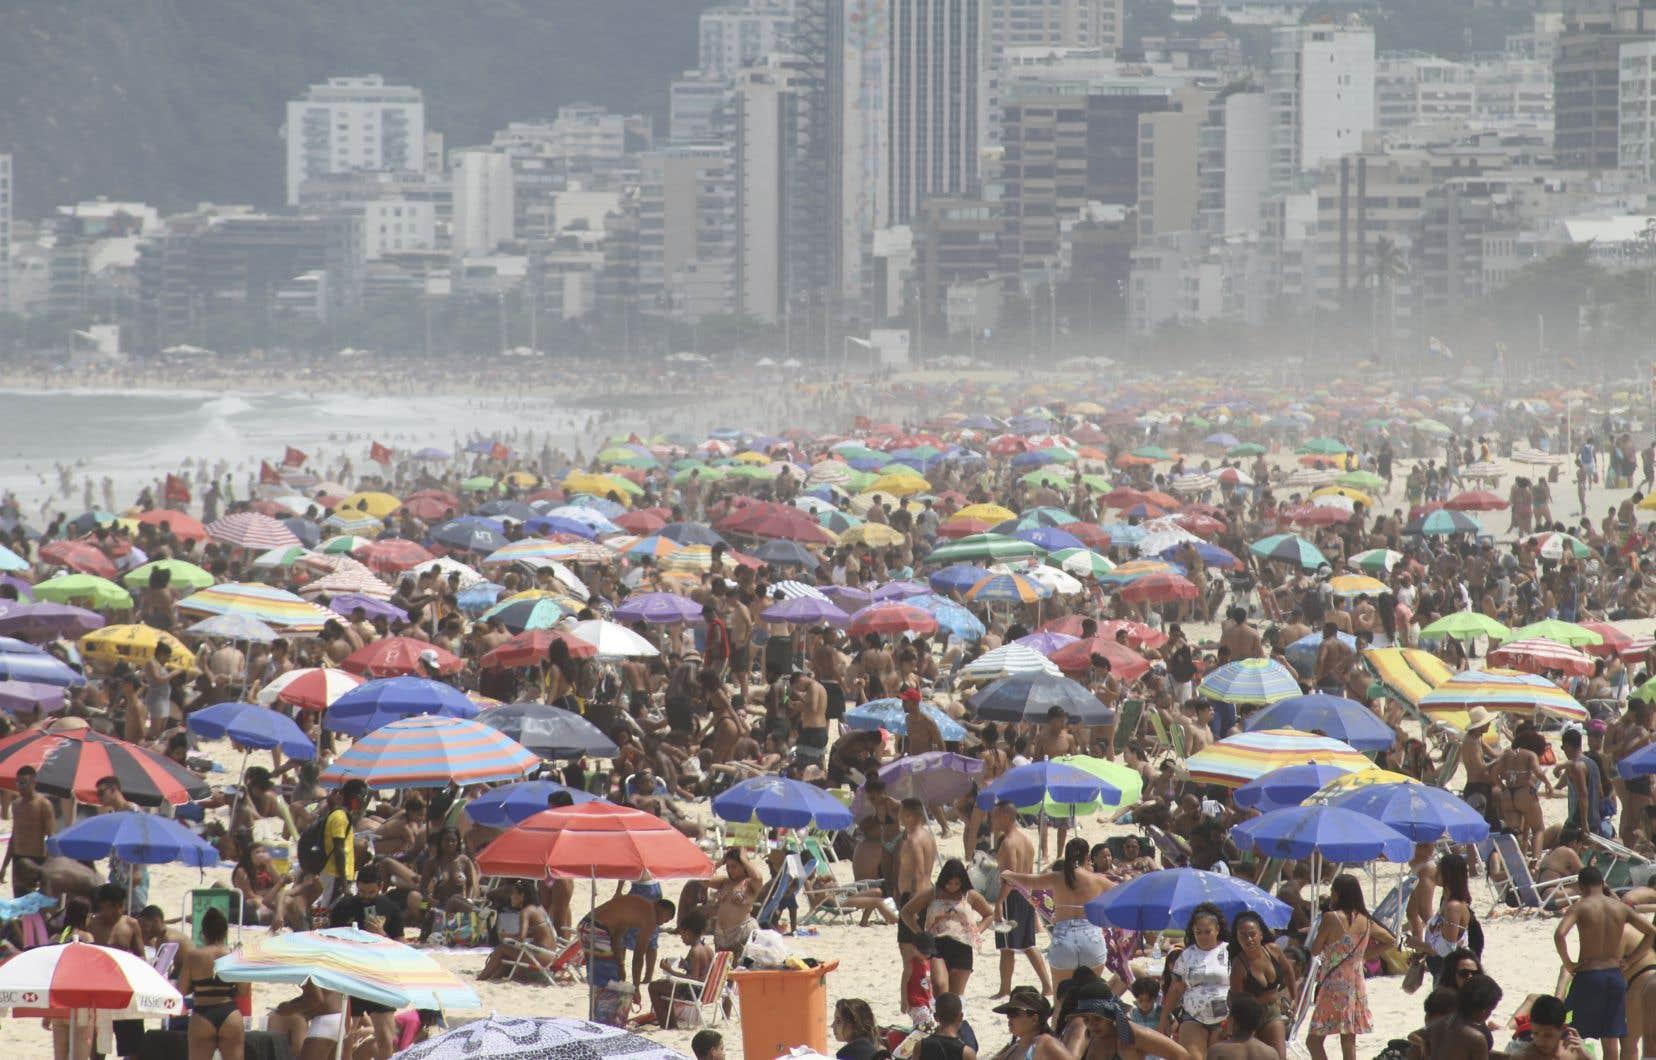 Les mesures de restriction prises au niveau local sont souvent peu respectées, en témoignent les plages bondées à Rio de Janeiro, en dépit de l'interdit municipal.